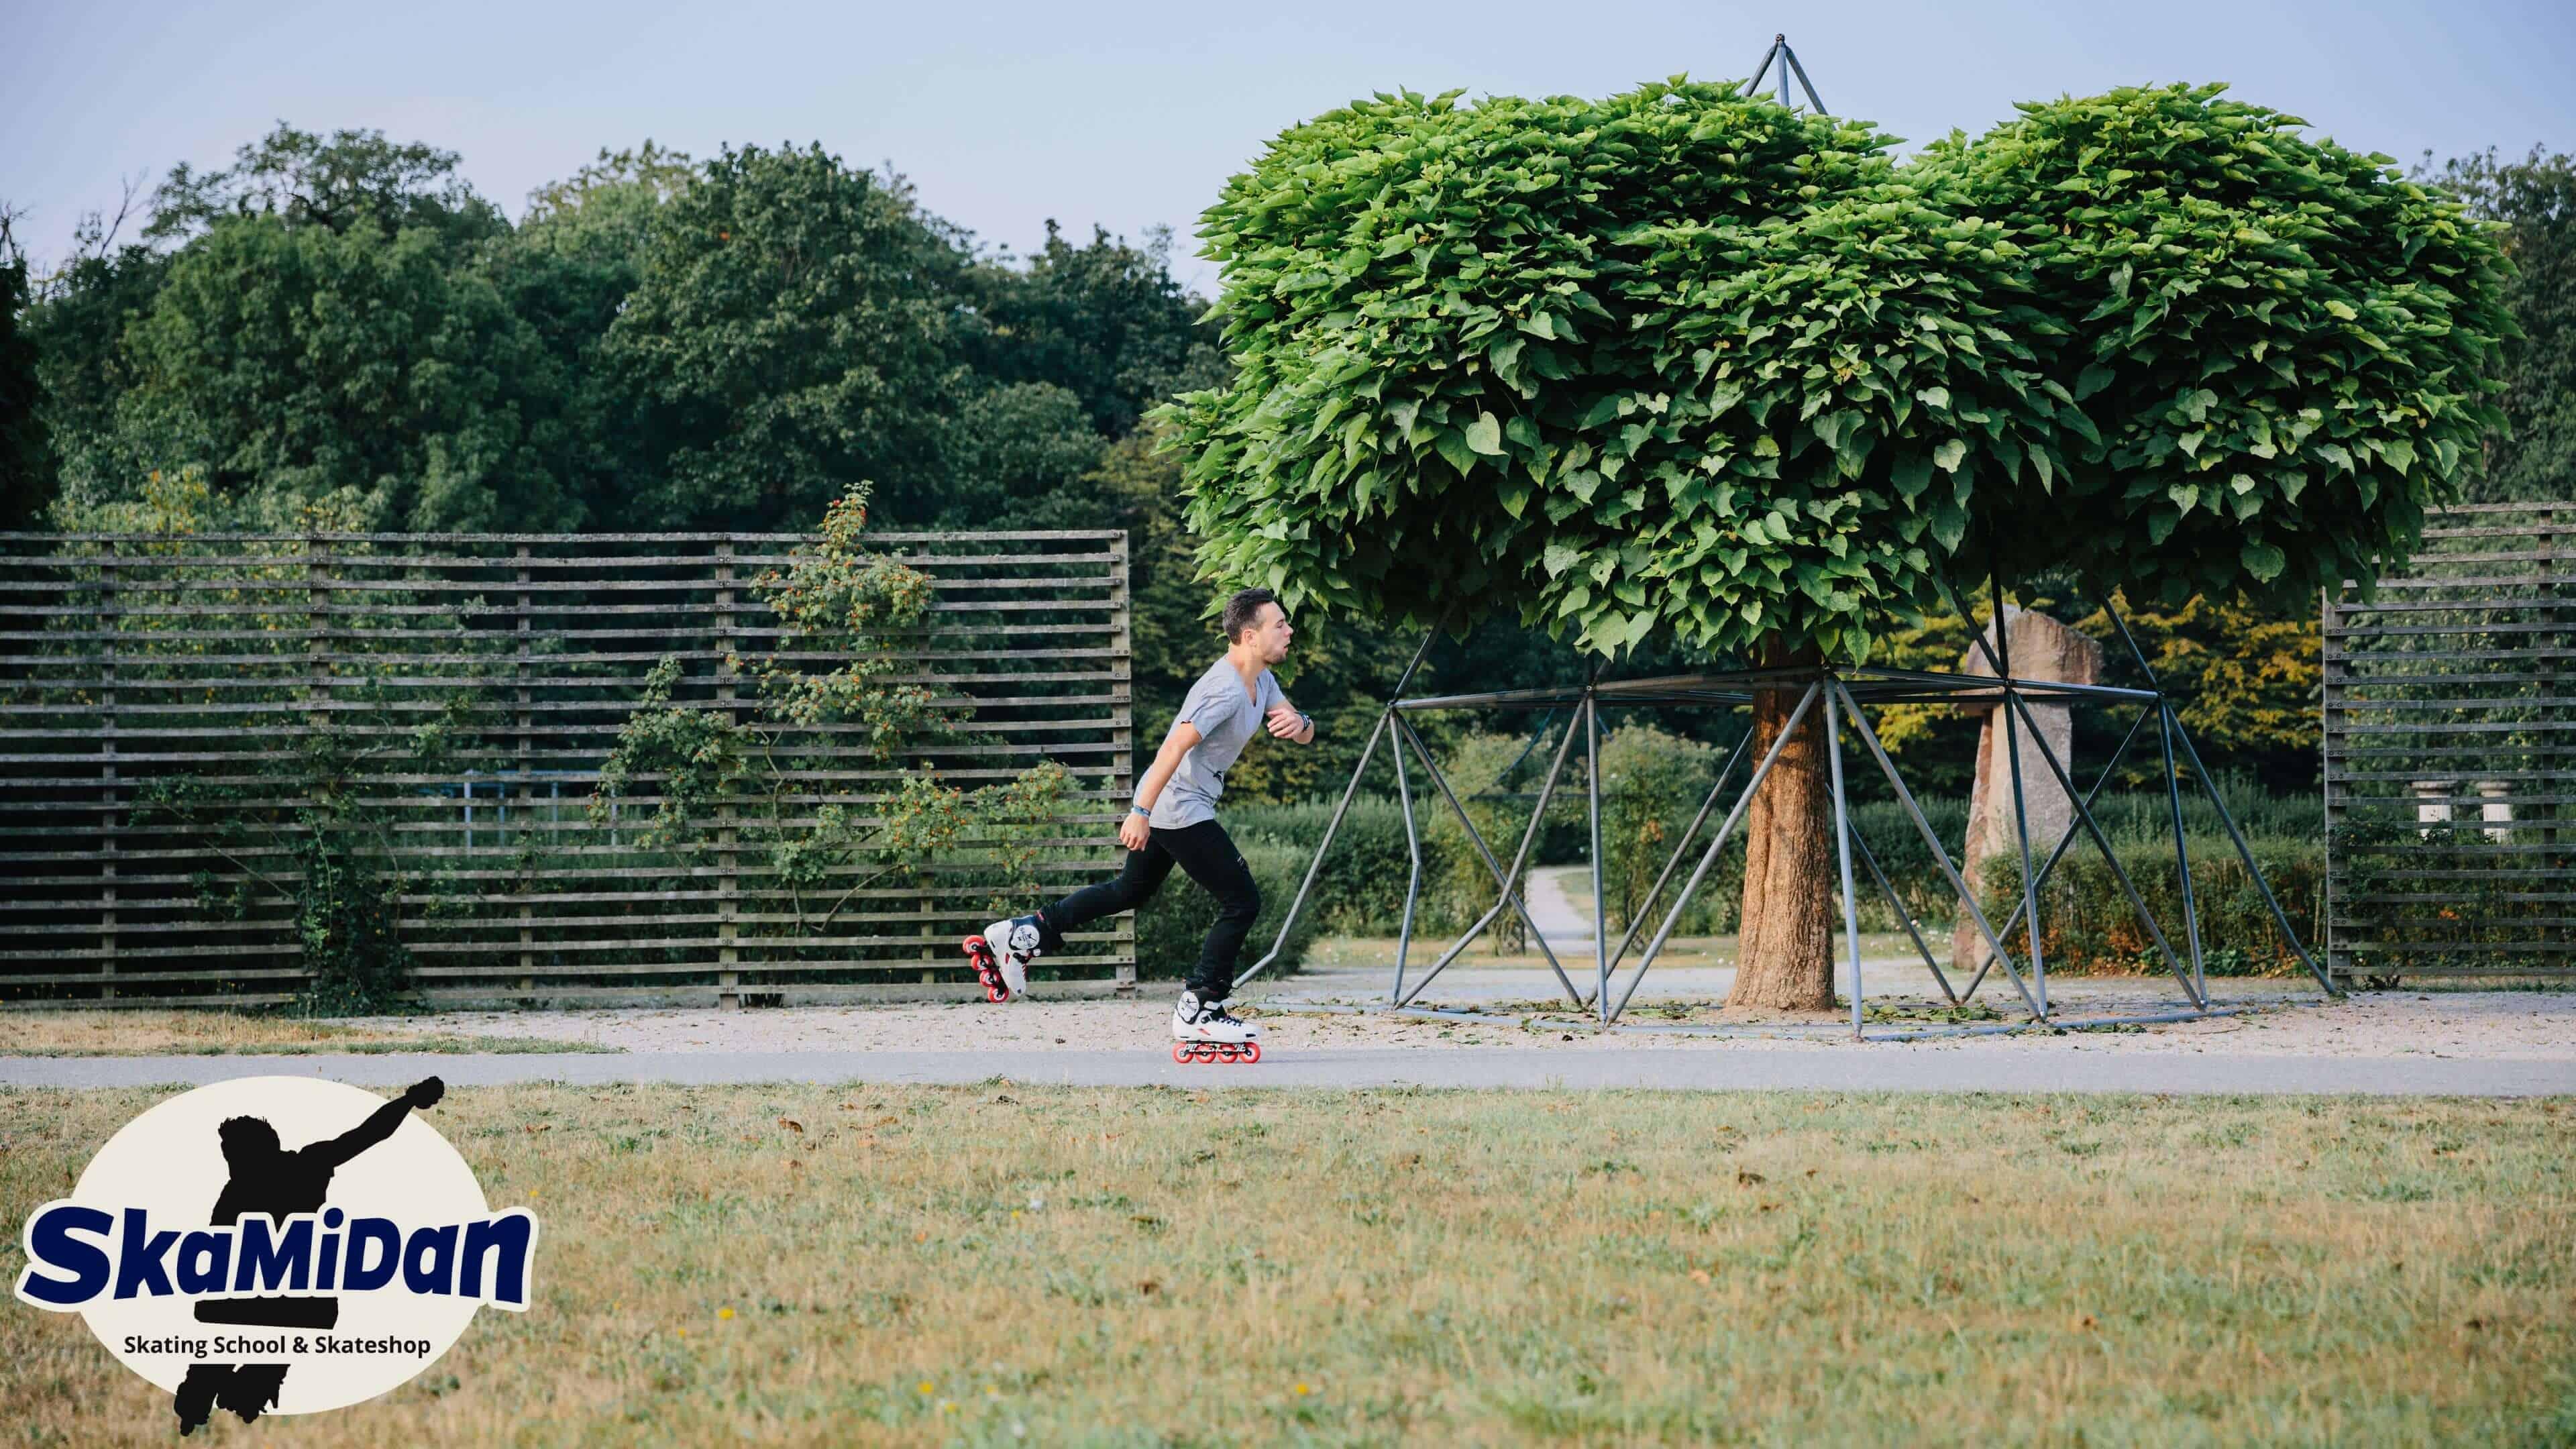 SkaMiDan Unternehmensgeschichte von SkaMiDan Skating School Skateshop Weil am Rhein Basel Lörrach Freiburg und Region Skateschule Inliner Skates Rollschuhe 2018